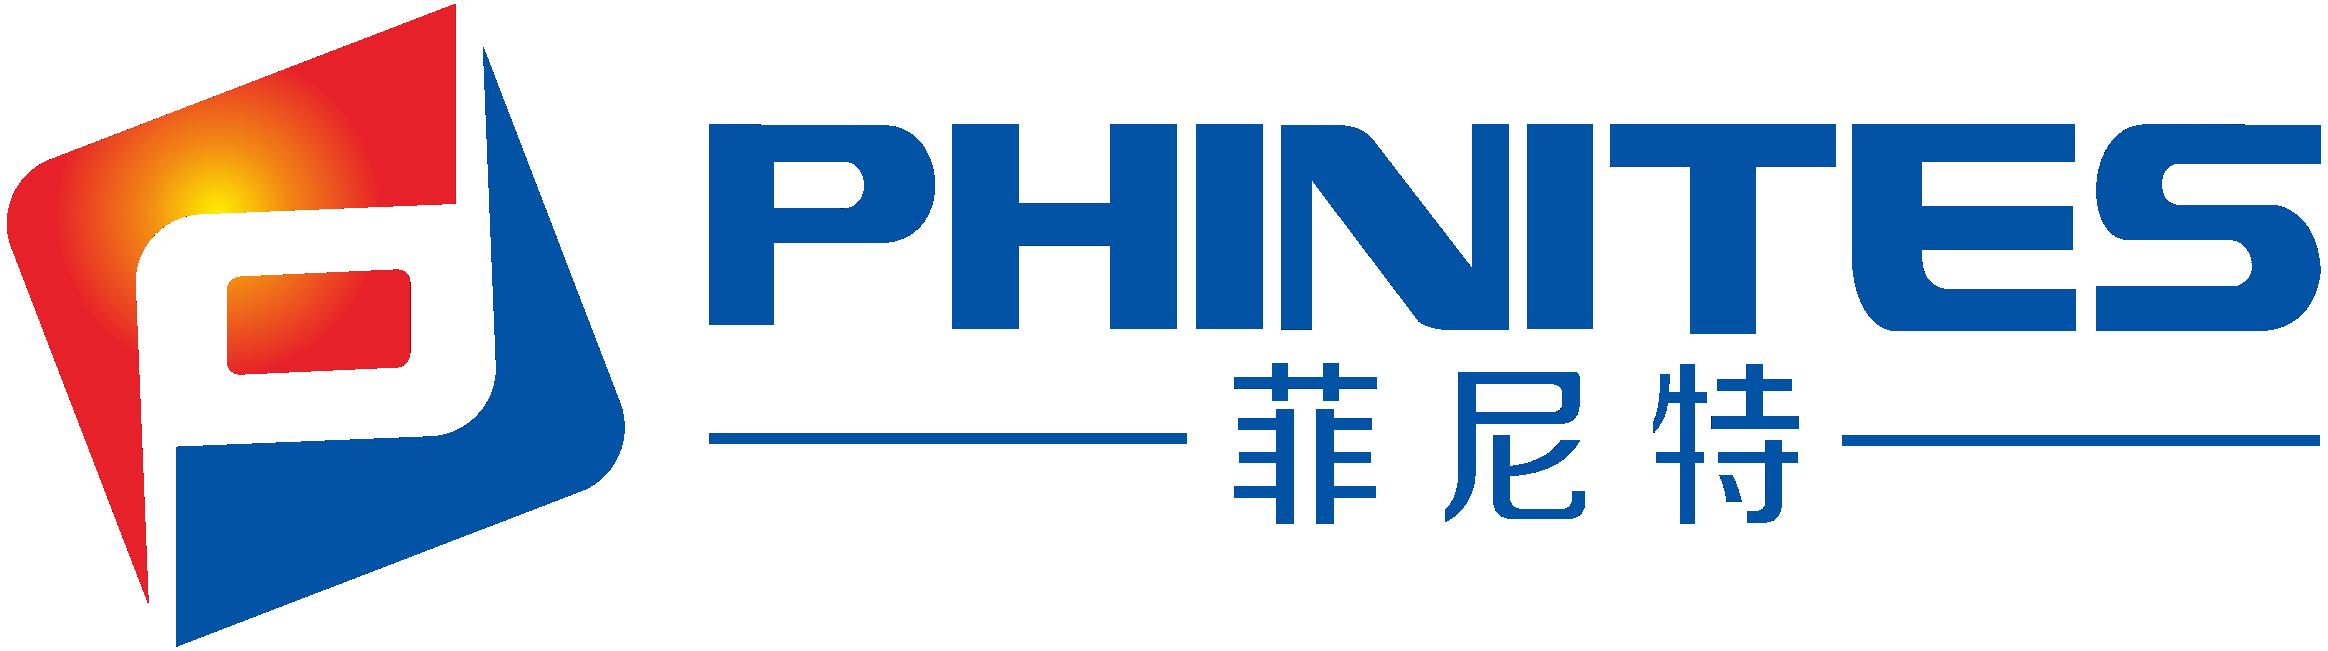 四川菲尼特金属制品制造有限公司